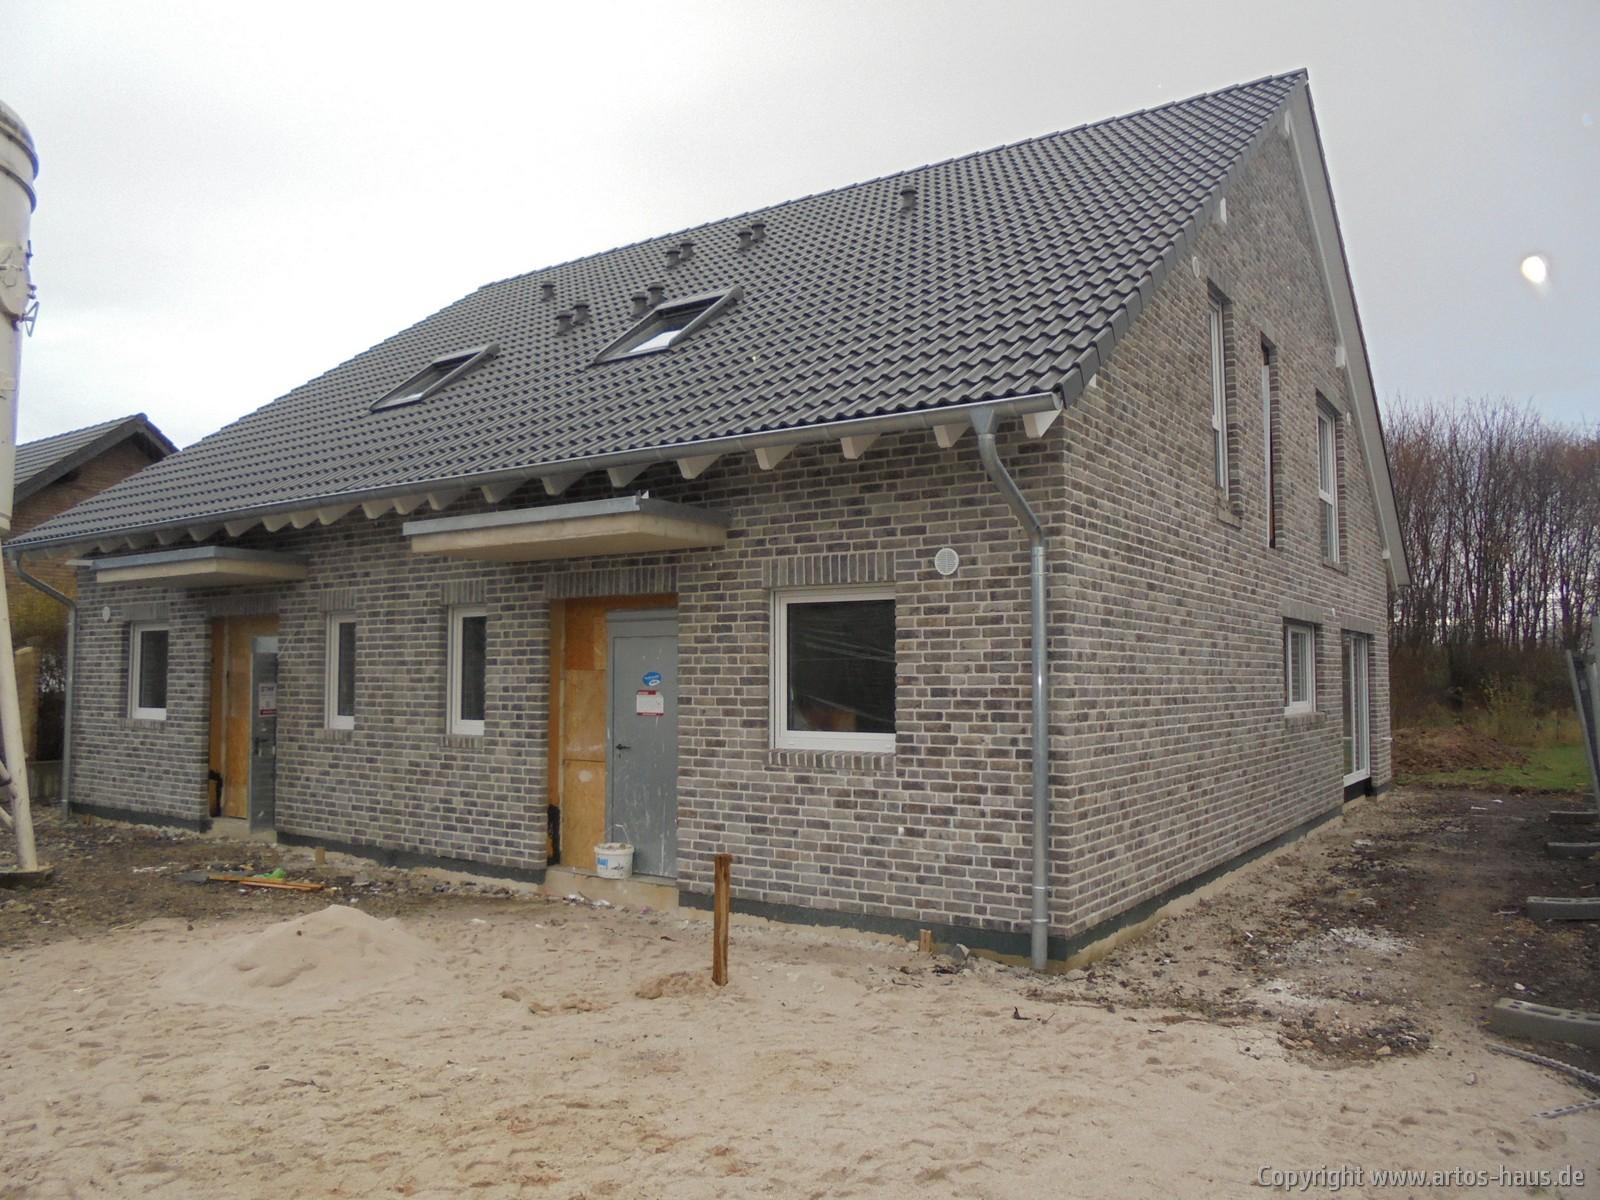 ARTOS Haus Verklinkerung BV Euskirchen, Bild 1